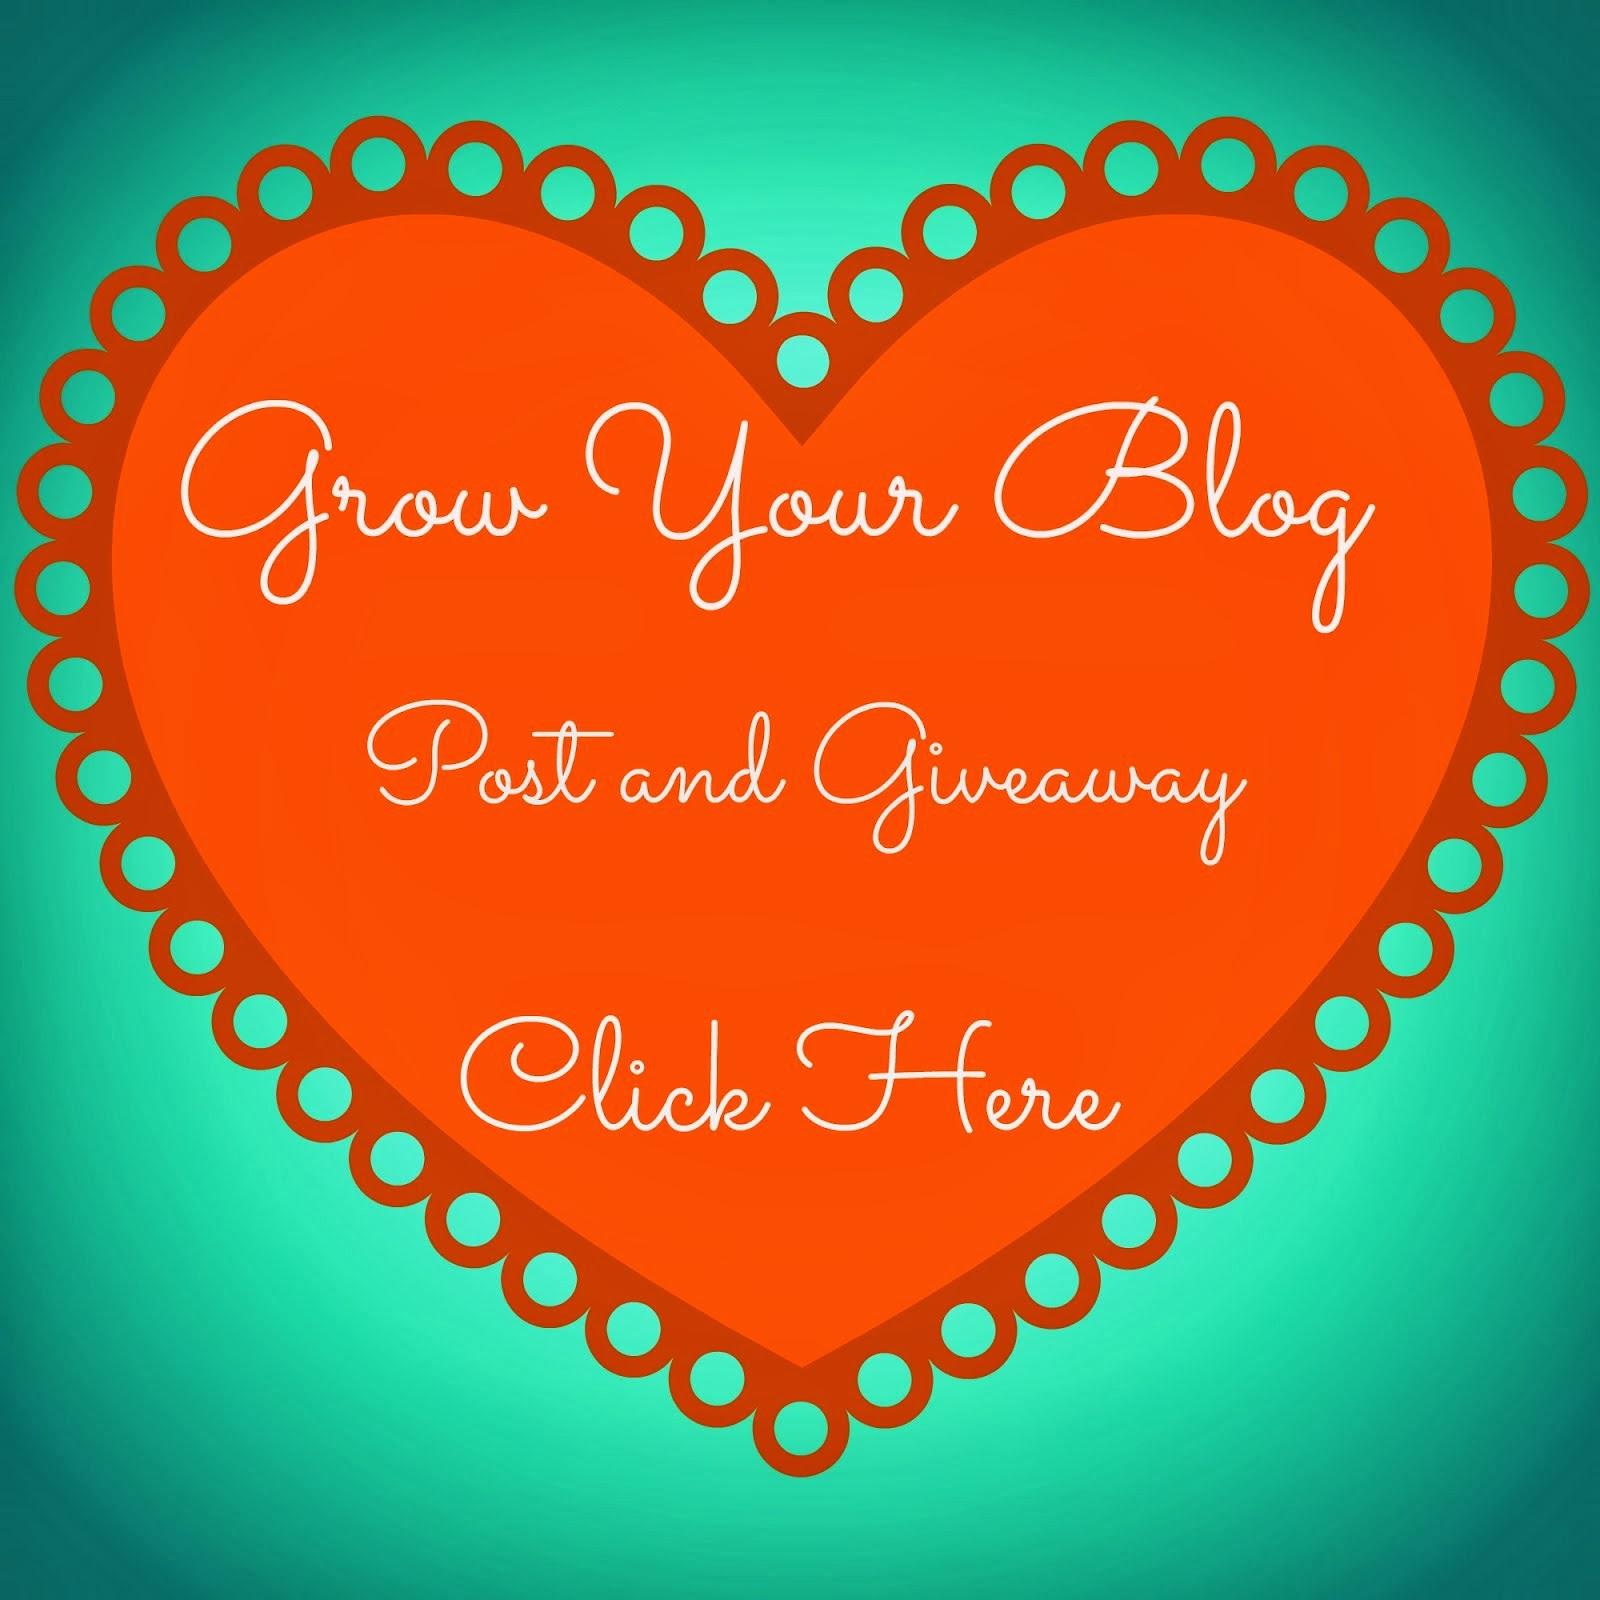 http://www.createinthesticks.blogspot.com/2014/01/grow-your-blog.html